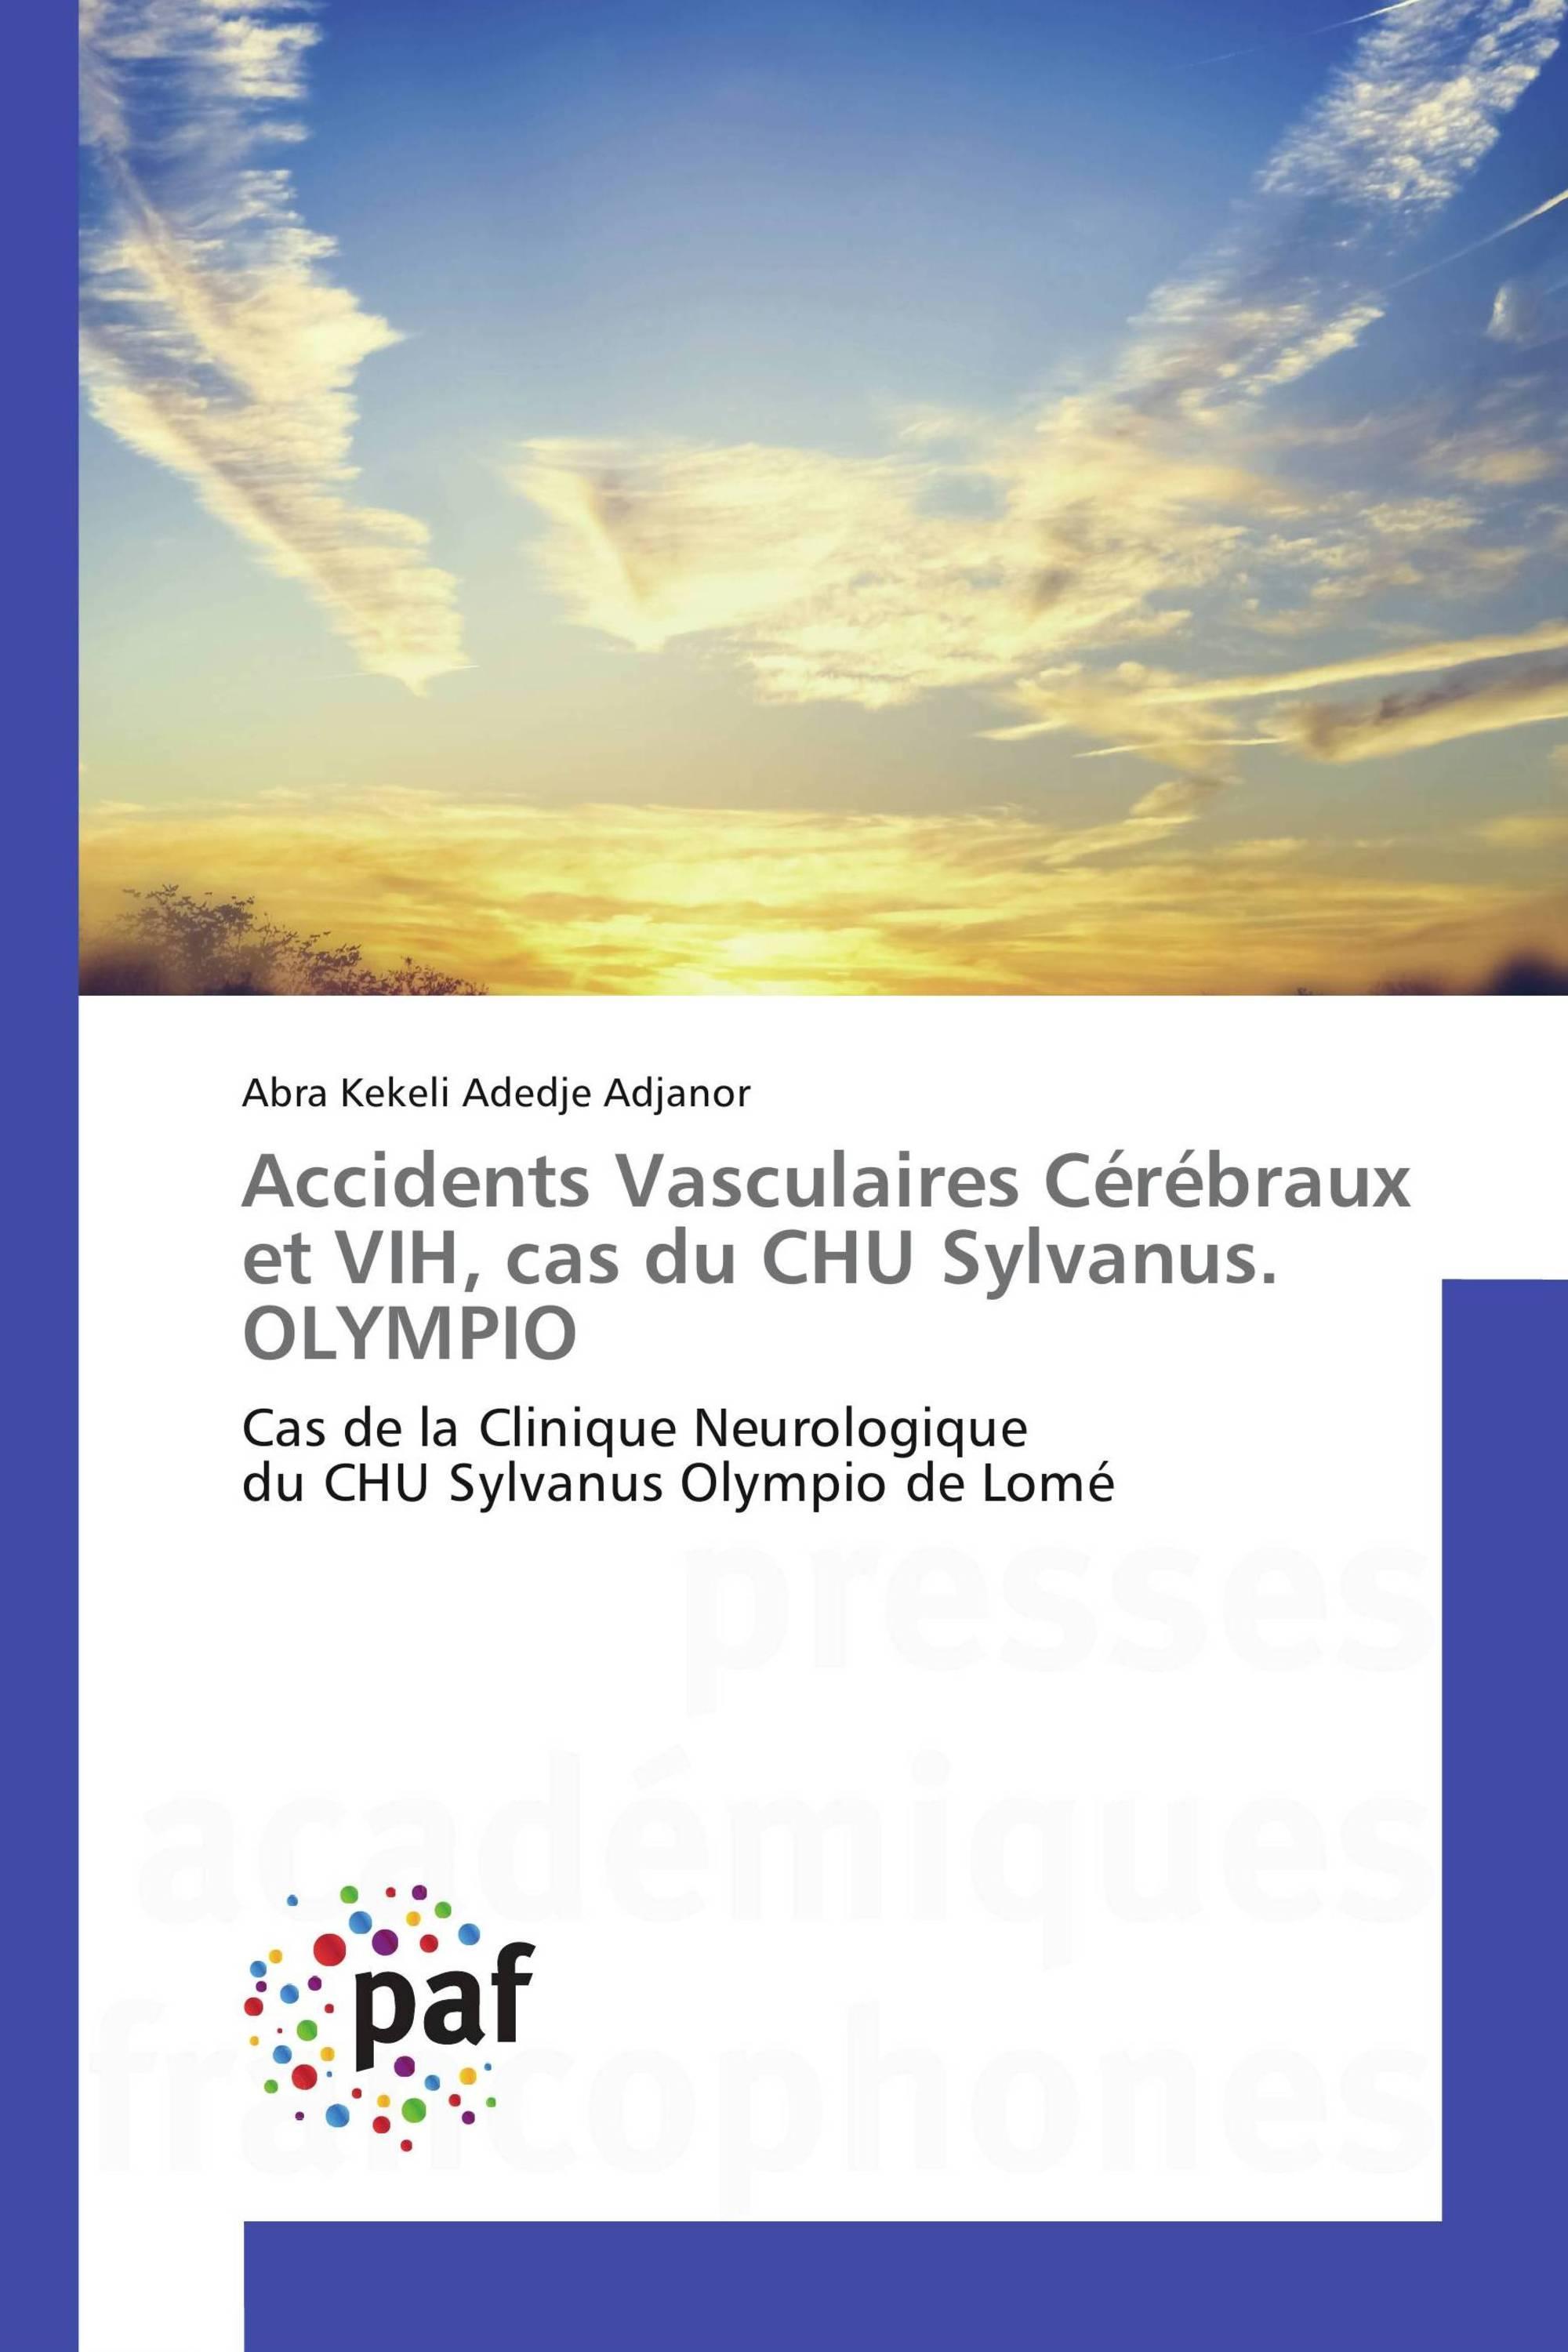 Accidents Vasculaires Cérébraux et VIH, cas du CHU Sylvanus. OLYMPIO